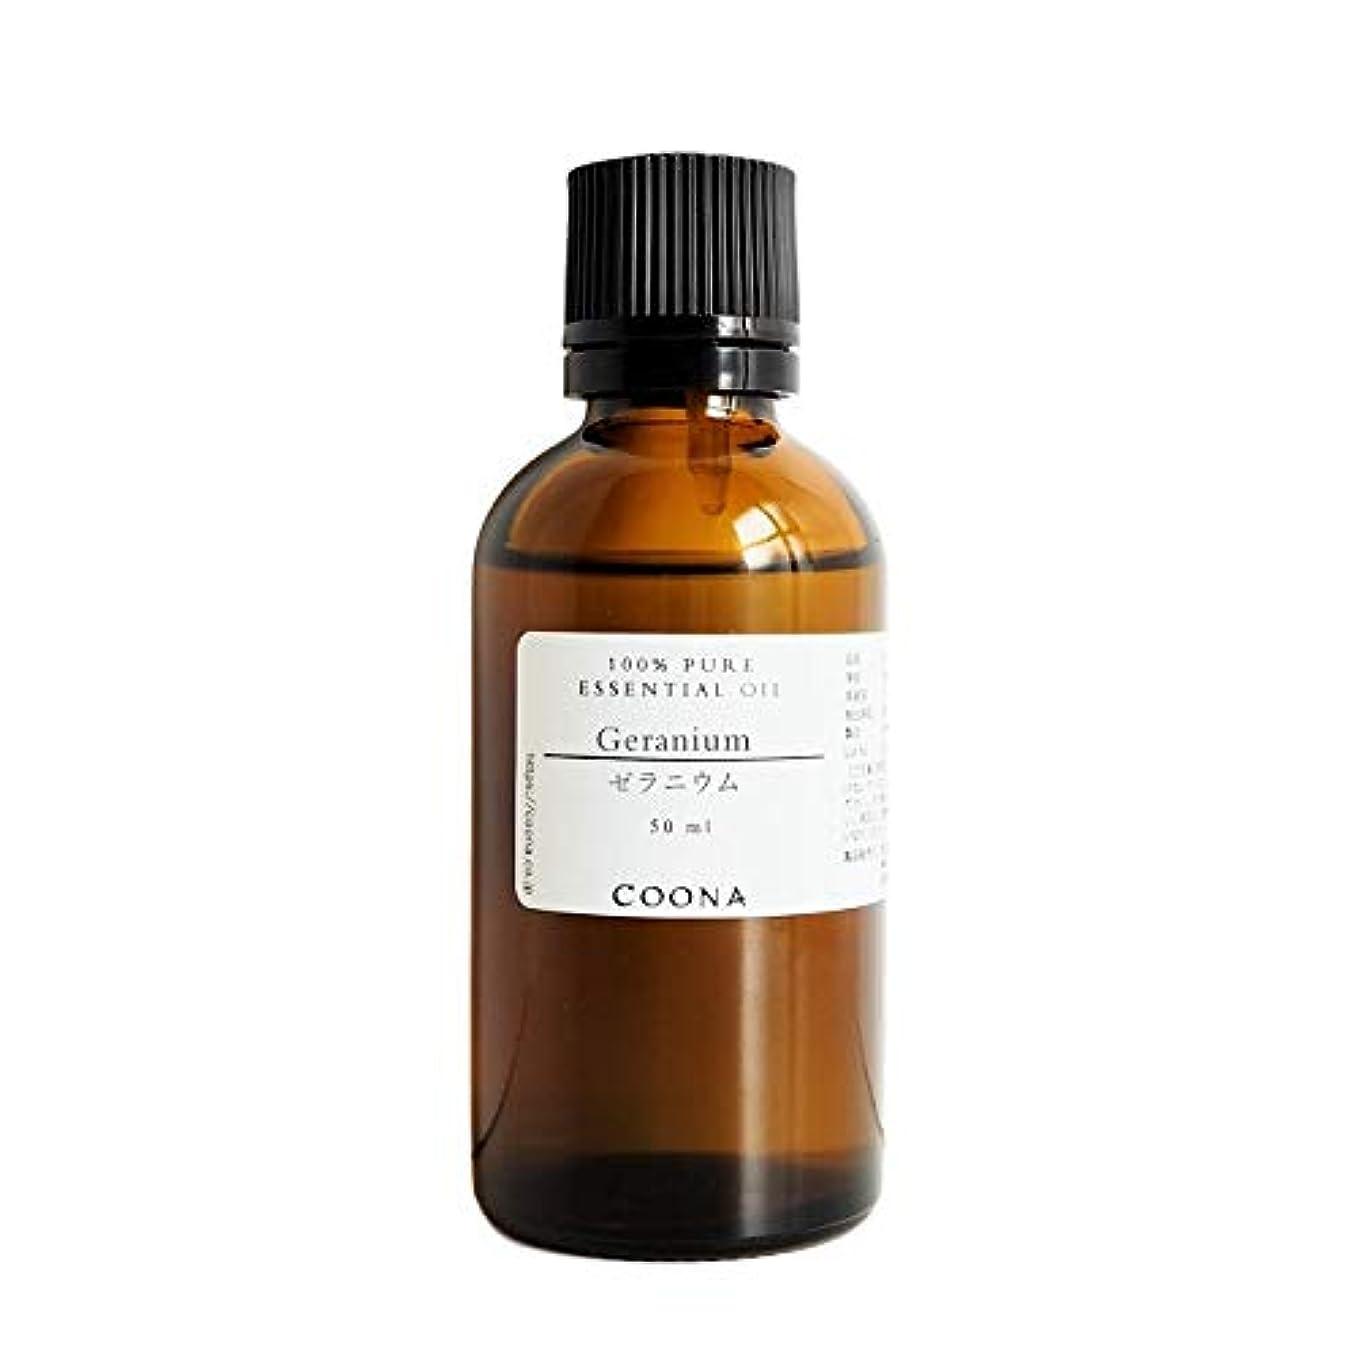 物語未知のカニゼラニウム 50 ml (COONA エッセンシャルオイル アロマオイル 100%天然植物精油)